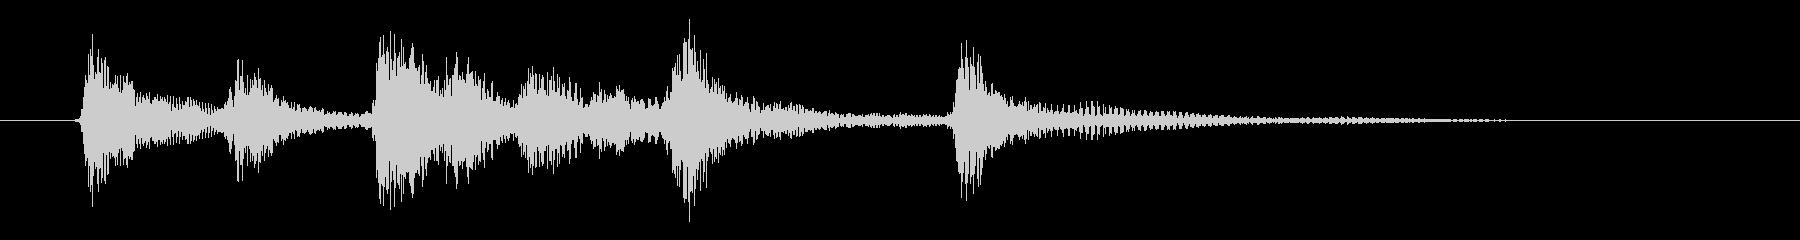 ピチカートのシンプルなジングル その1の未再生の波形